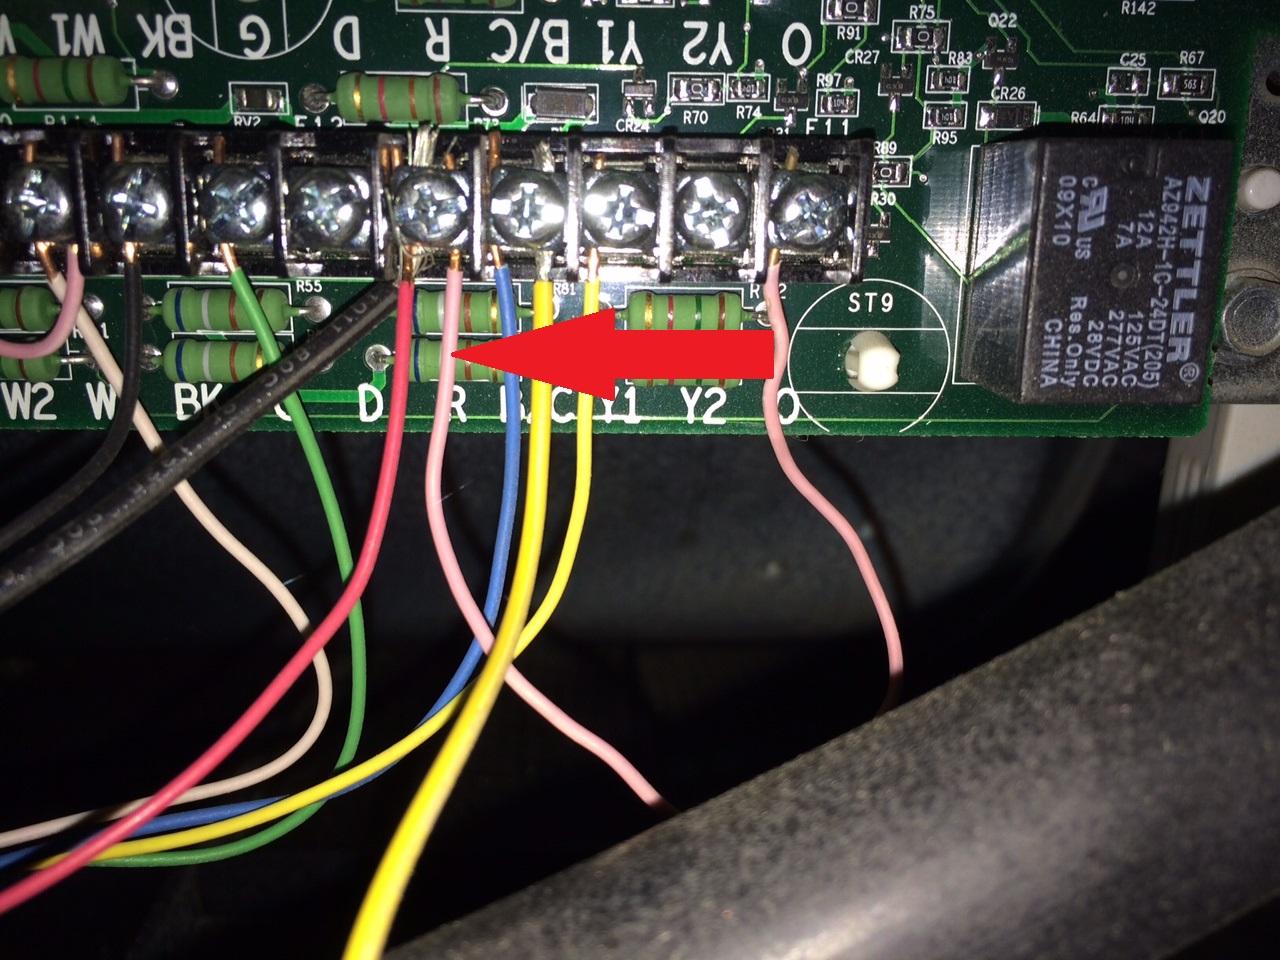 2015-04-24_163902_furnace_wiring_3.jpg